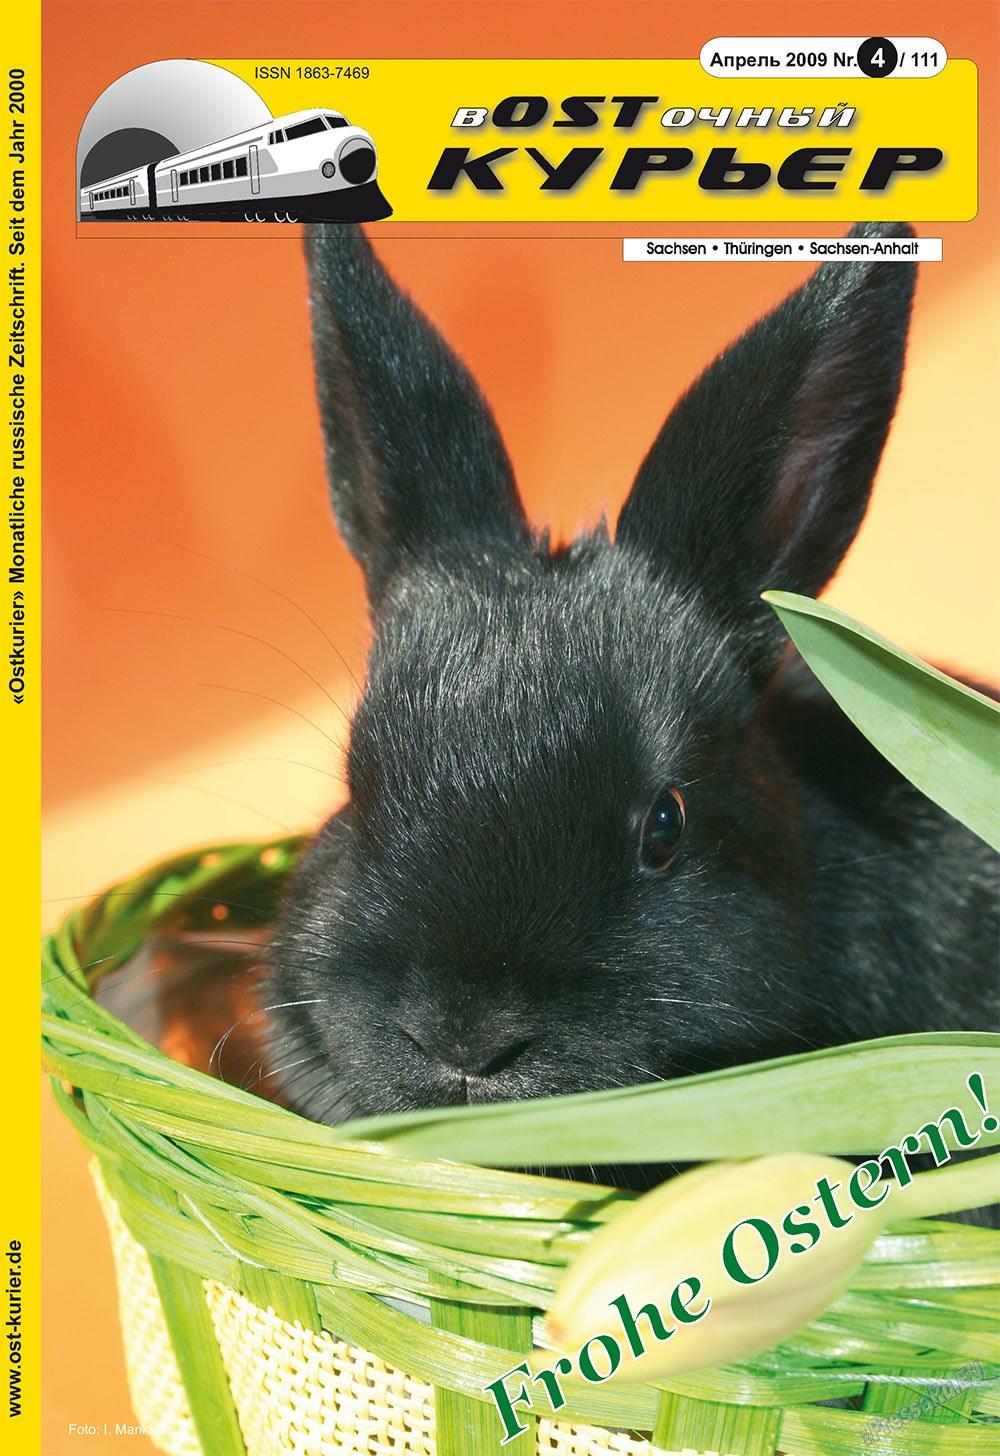 Восточный курьер (журнал). 2009 год, номер 4, стр. 1